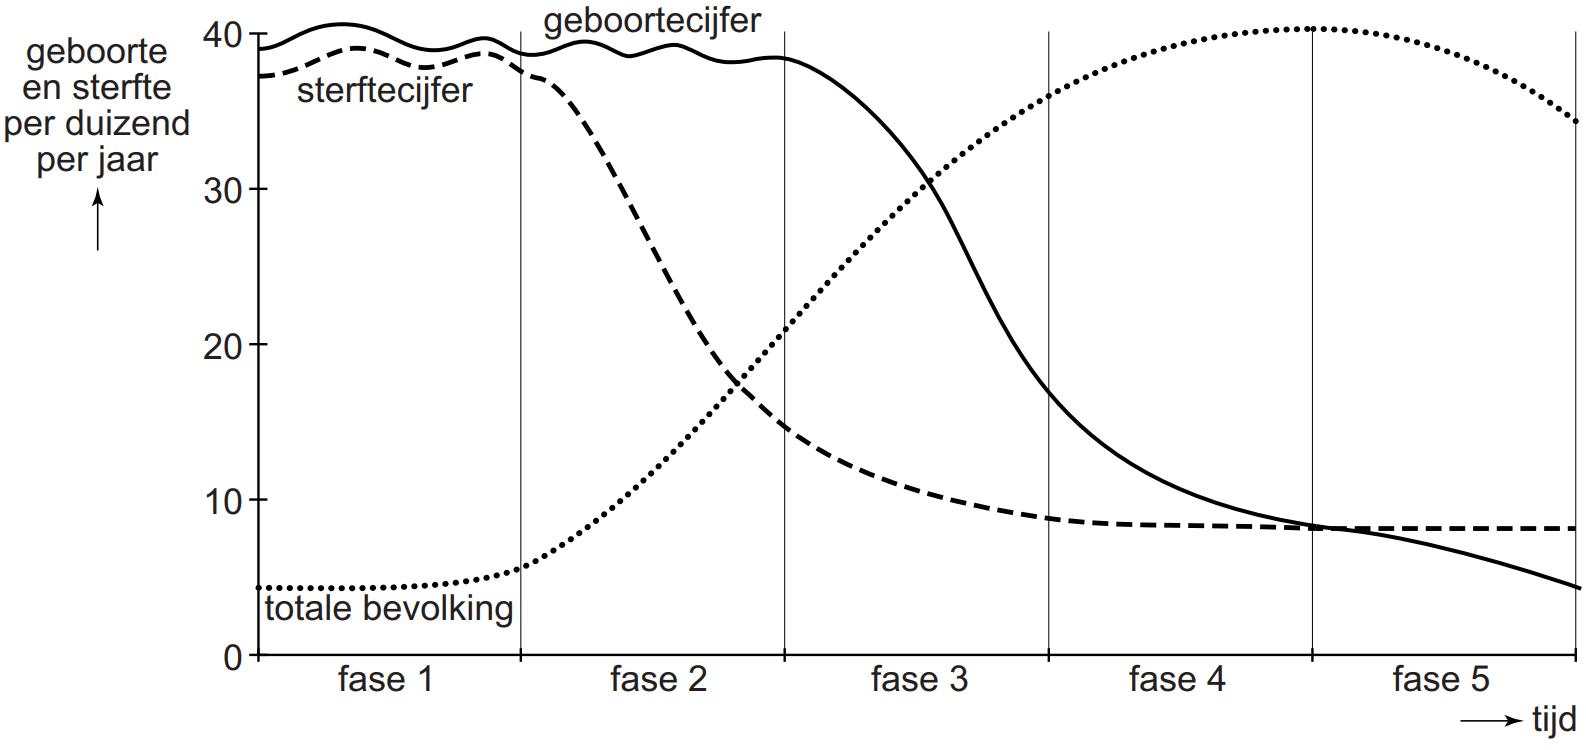 Demografisch transitiemodel